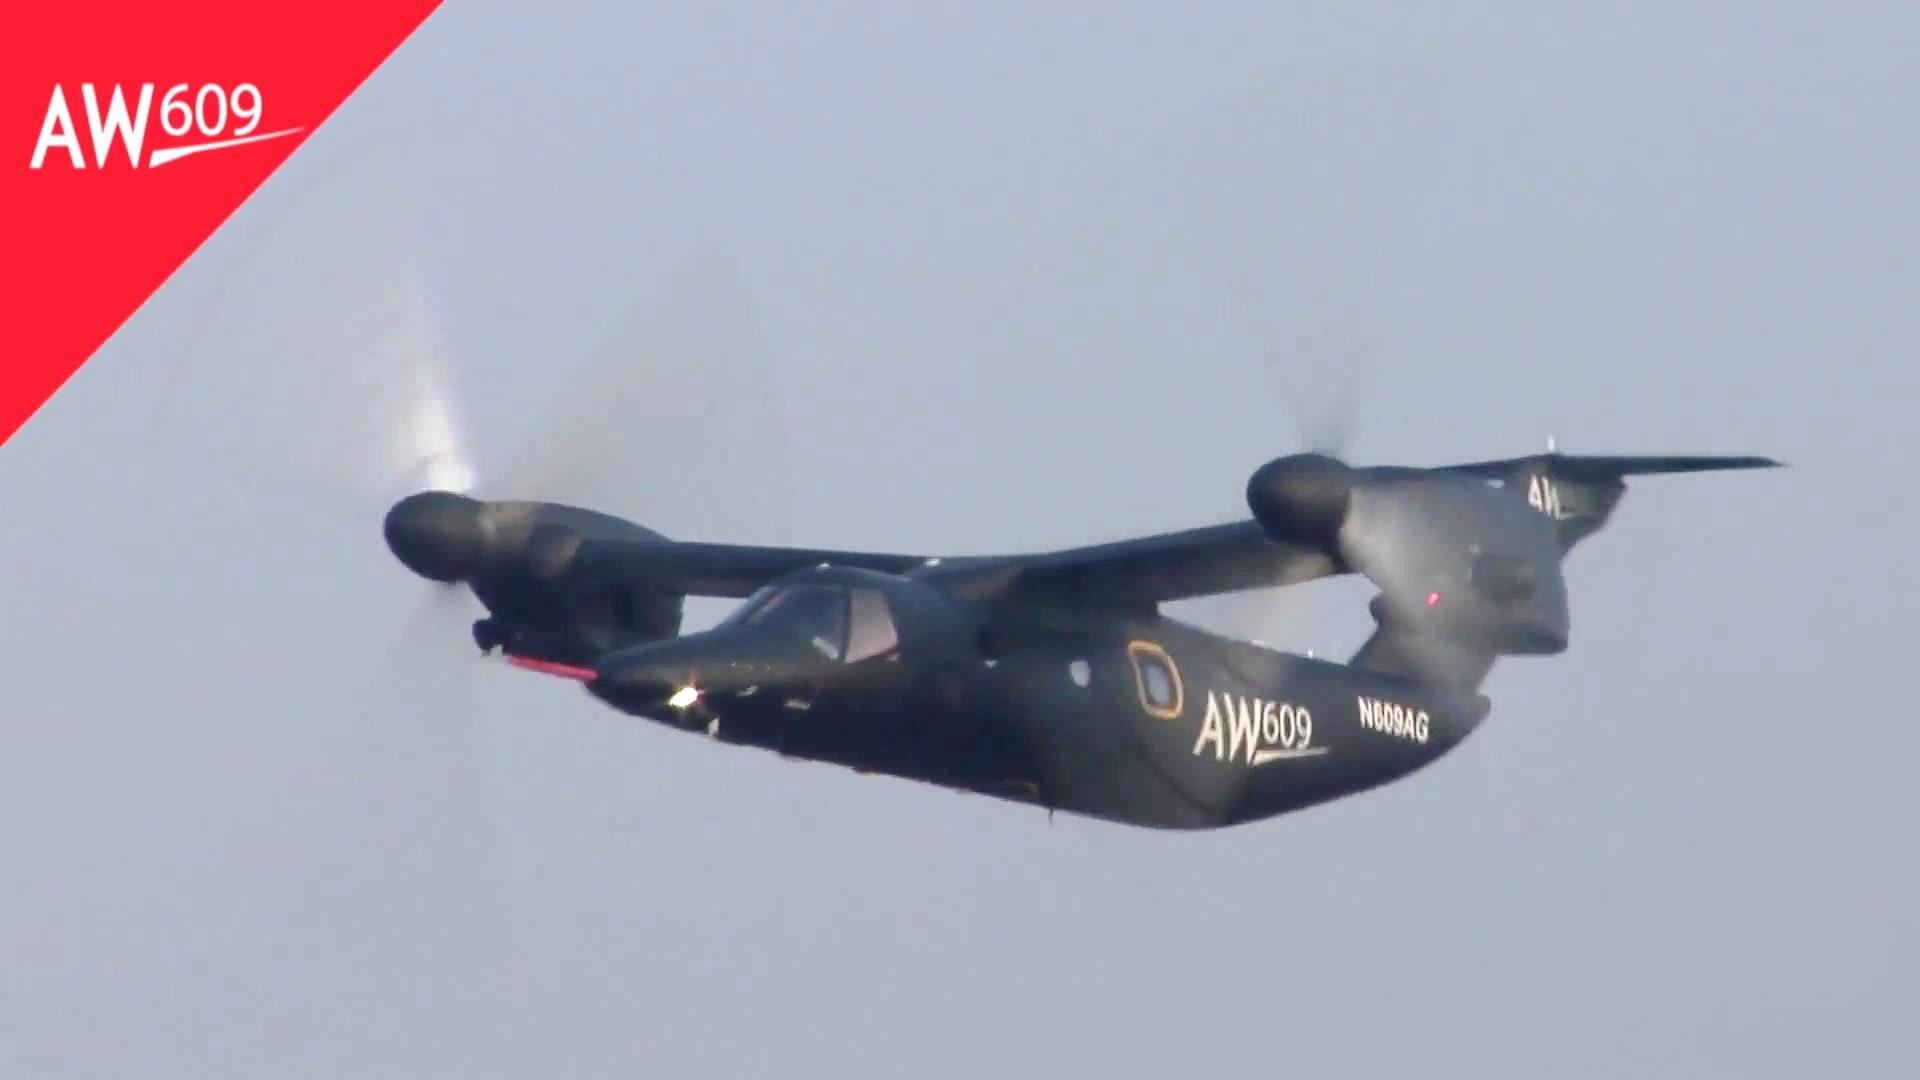 Будущее авиации. Перспективные проекты самолетов и вертолетов - 24